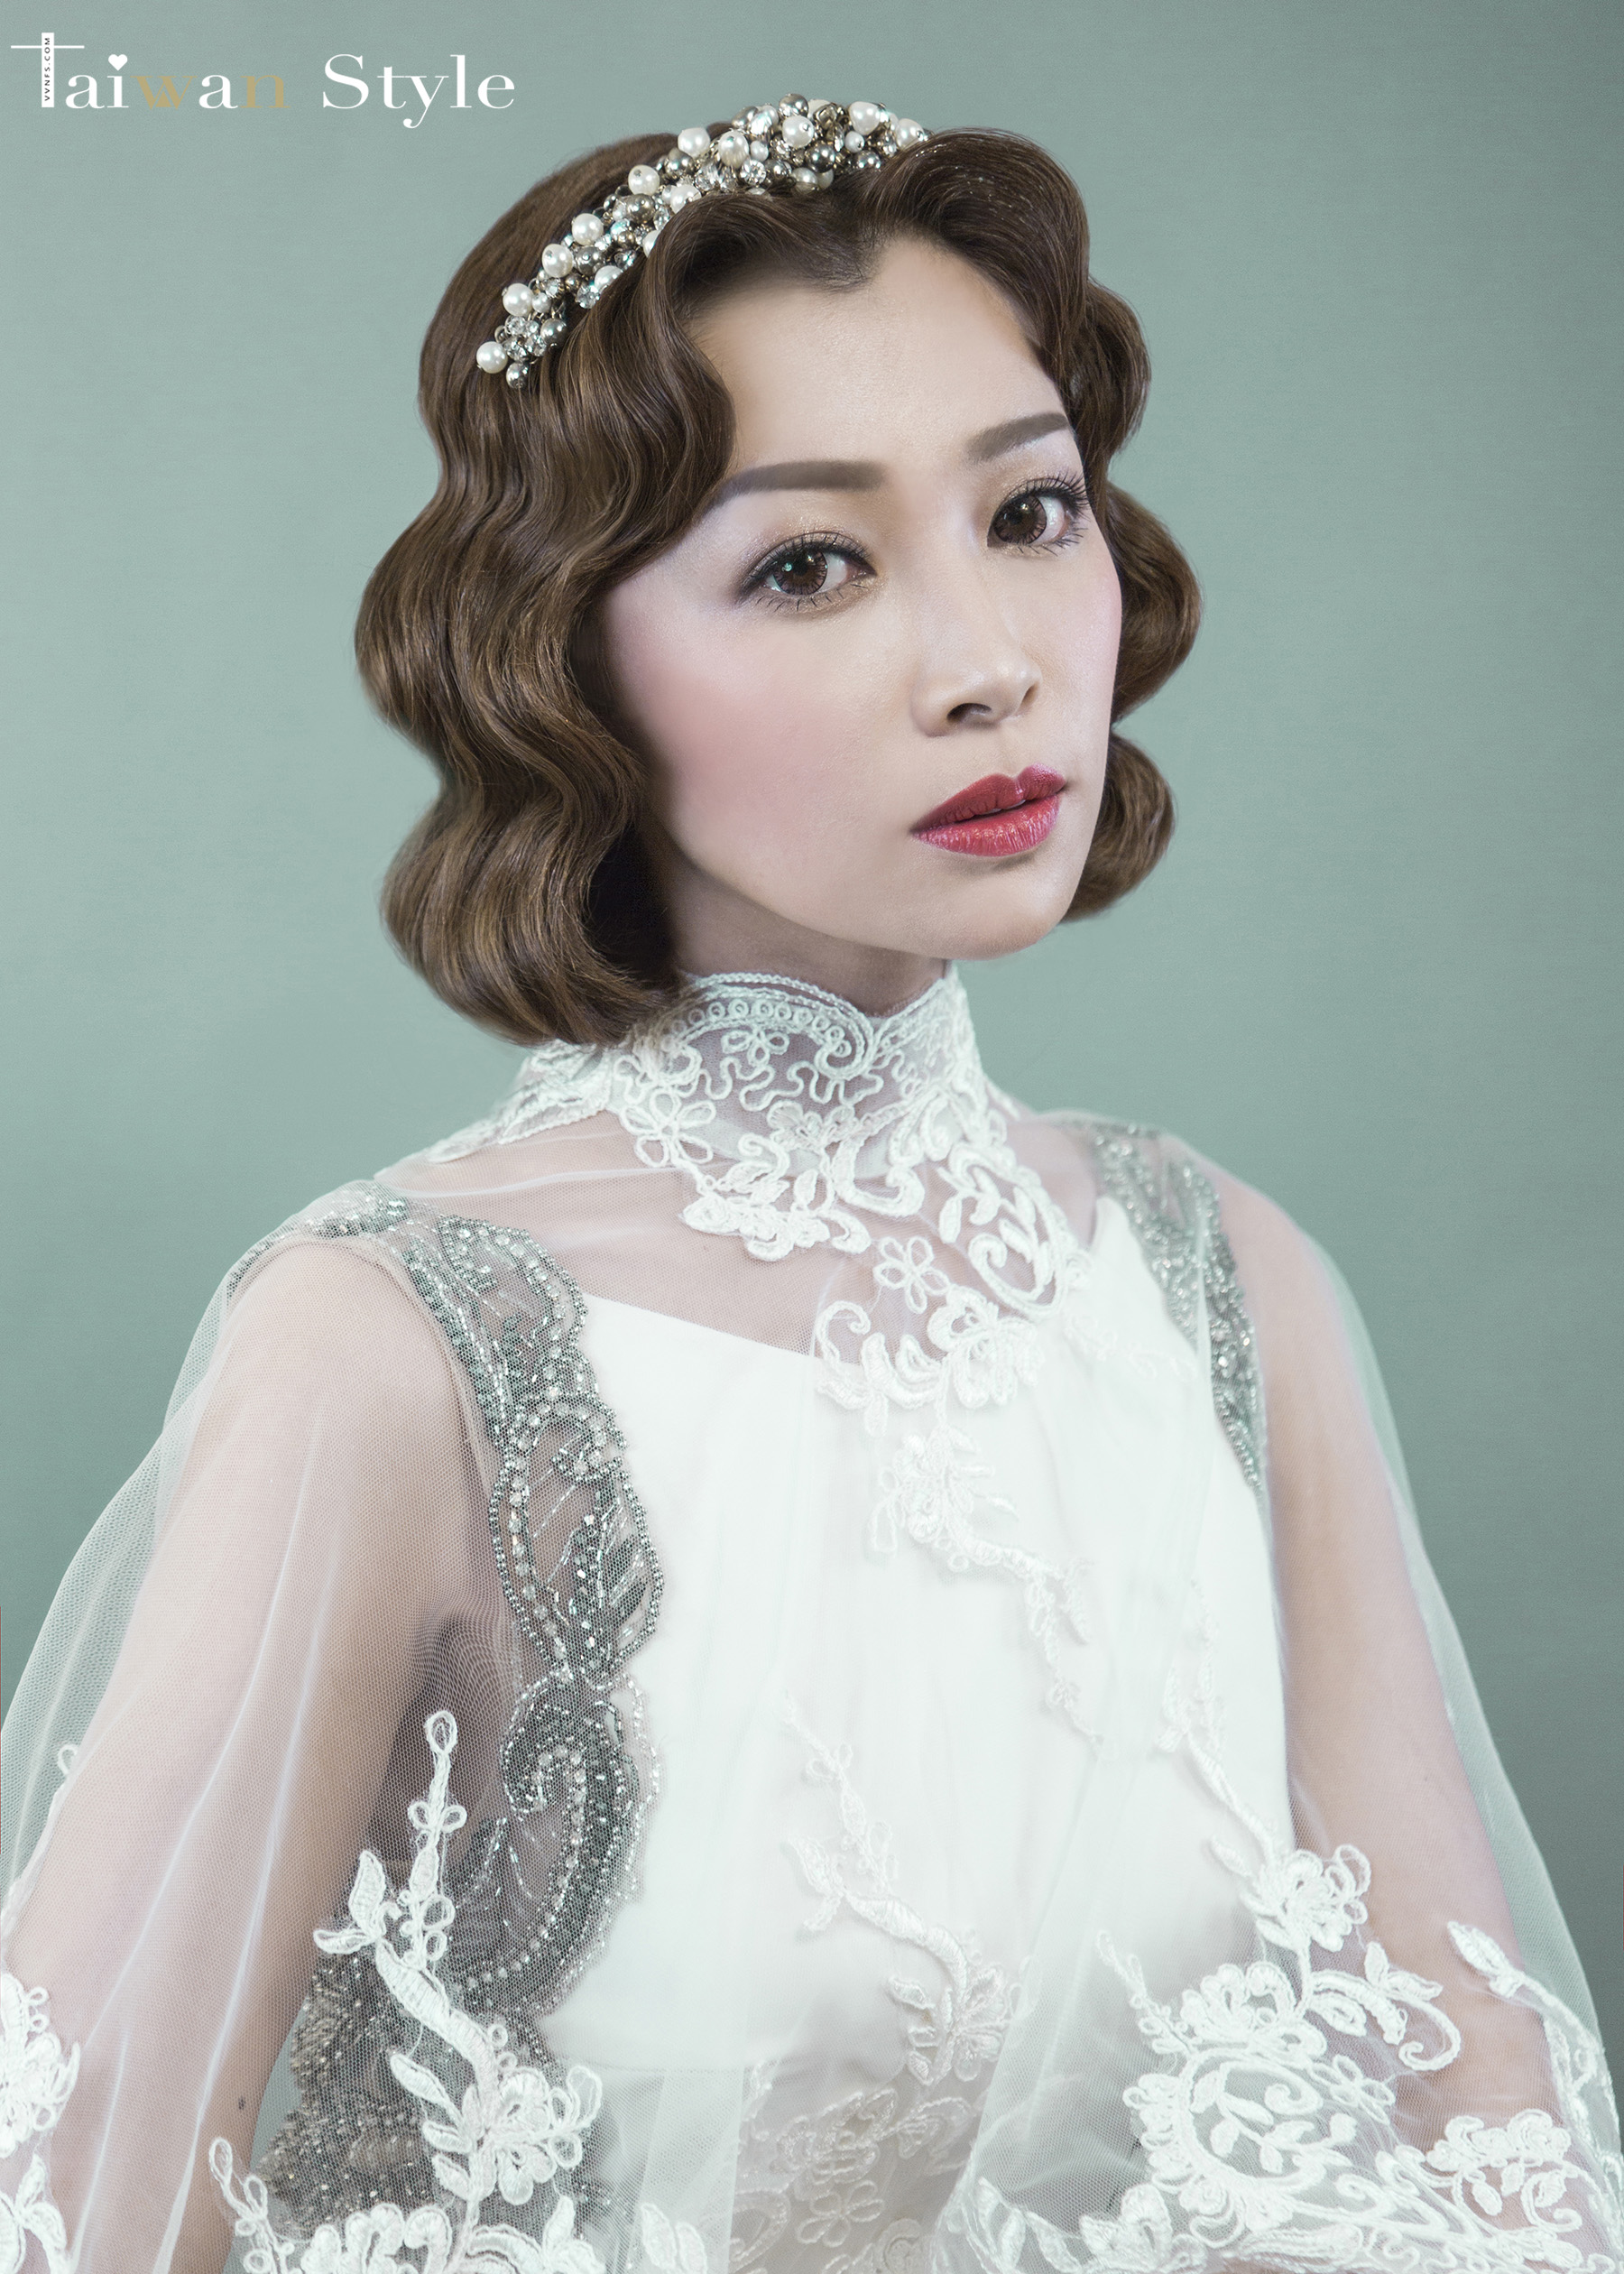 看見台灣百年婚紗之美-1960奶奶時代-新娘物語 x VVNFS方美玉台南新秘1